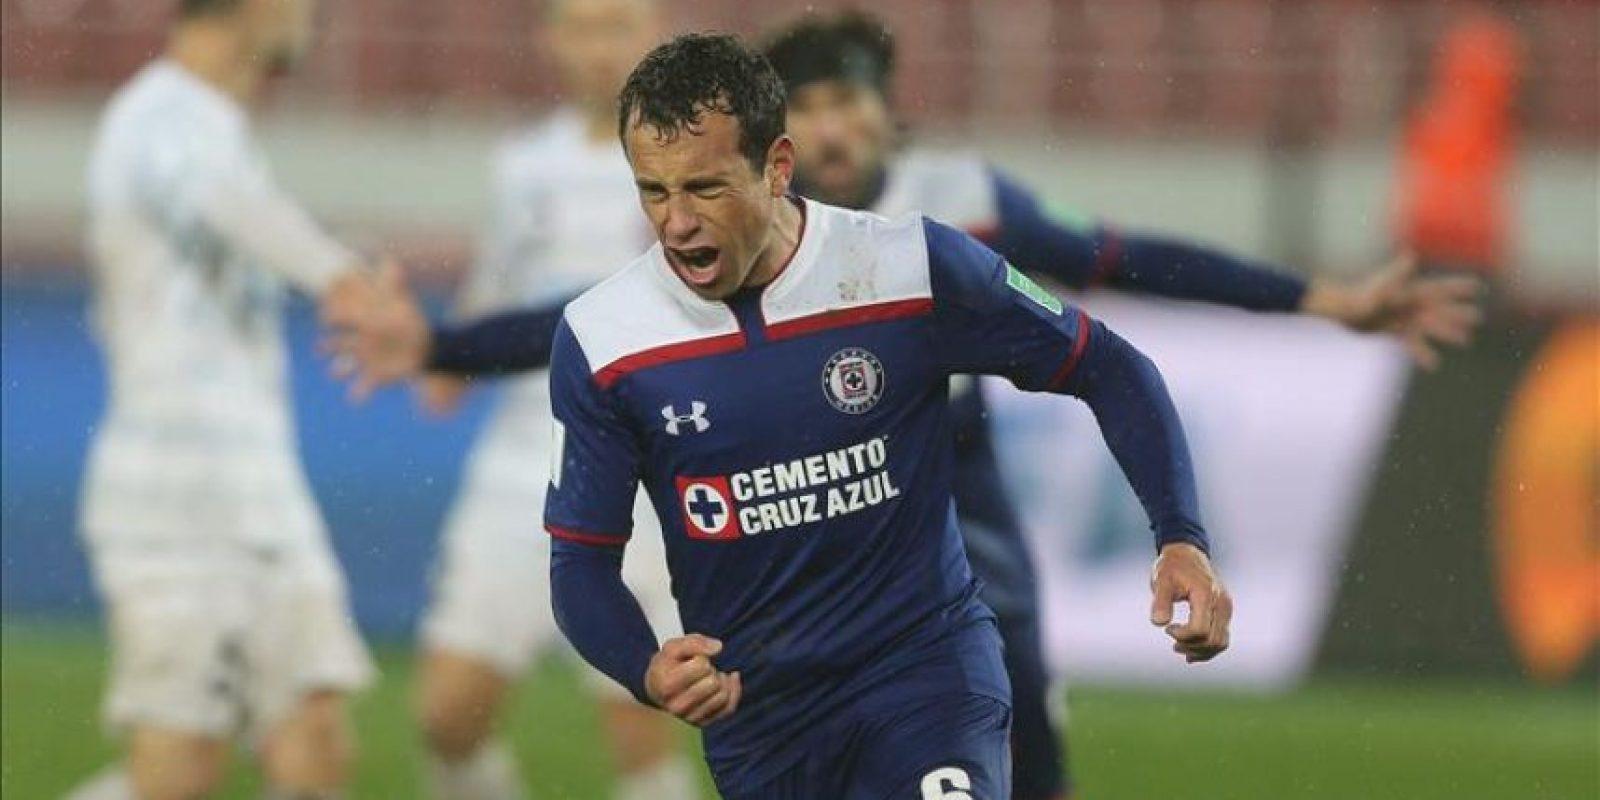 El centrocampista del Cruz Azul FC Gerardo Torrado celebra el gol de penalti que permitiía a los mexicanos ir a la prórroga ante el tes WS Wanderers FC en el Mundial de Clubes que se está disputando en Rabat, Marruecos. EFE/EPA